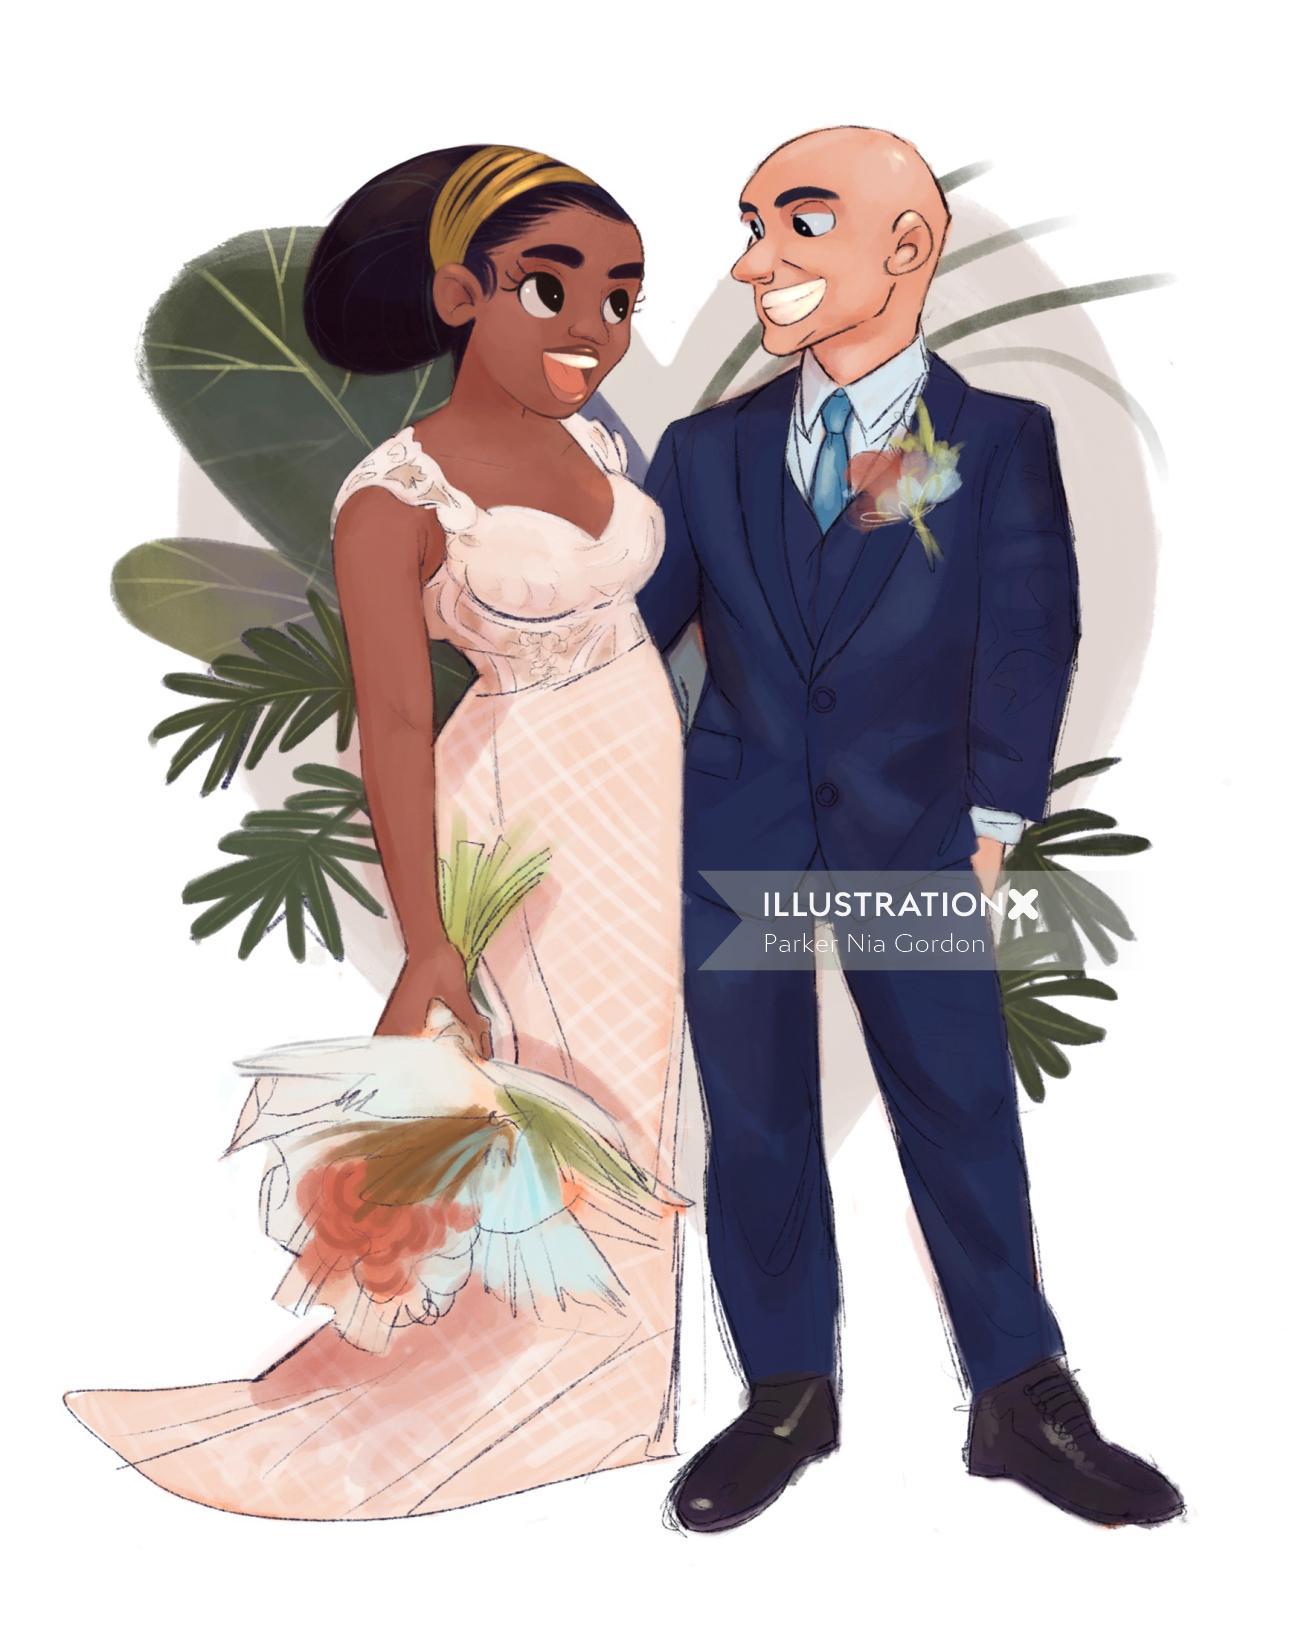 Character design of wedding couple